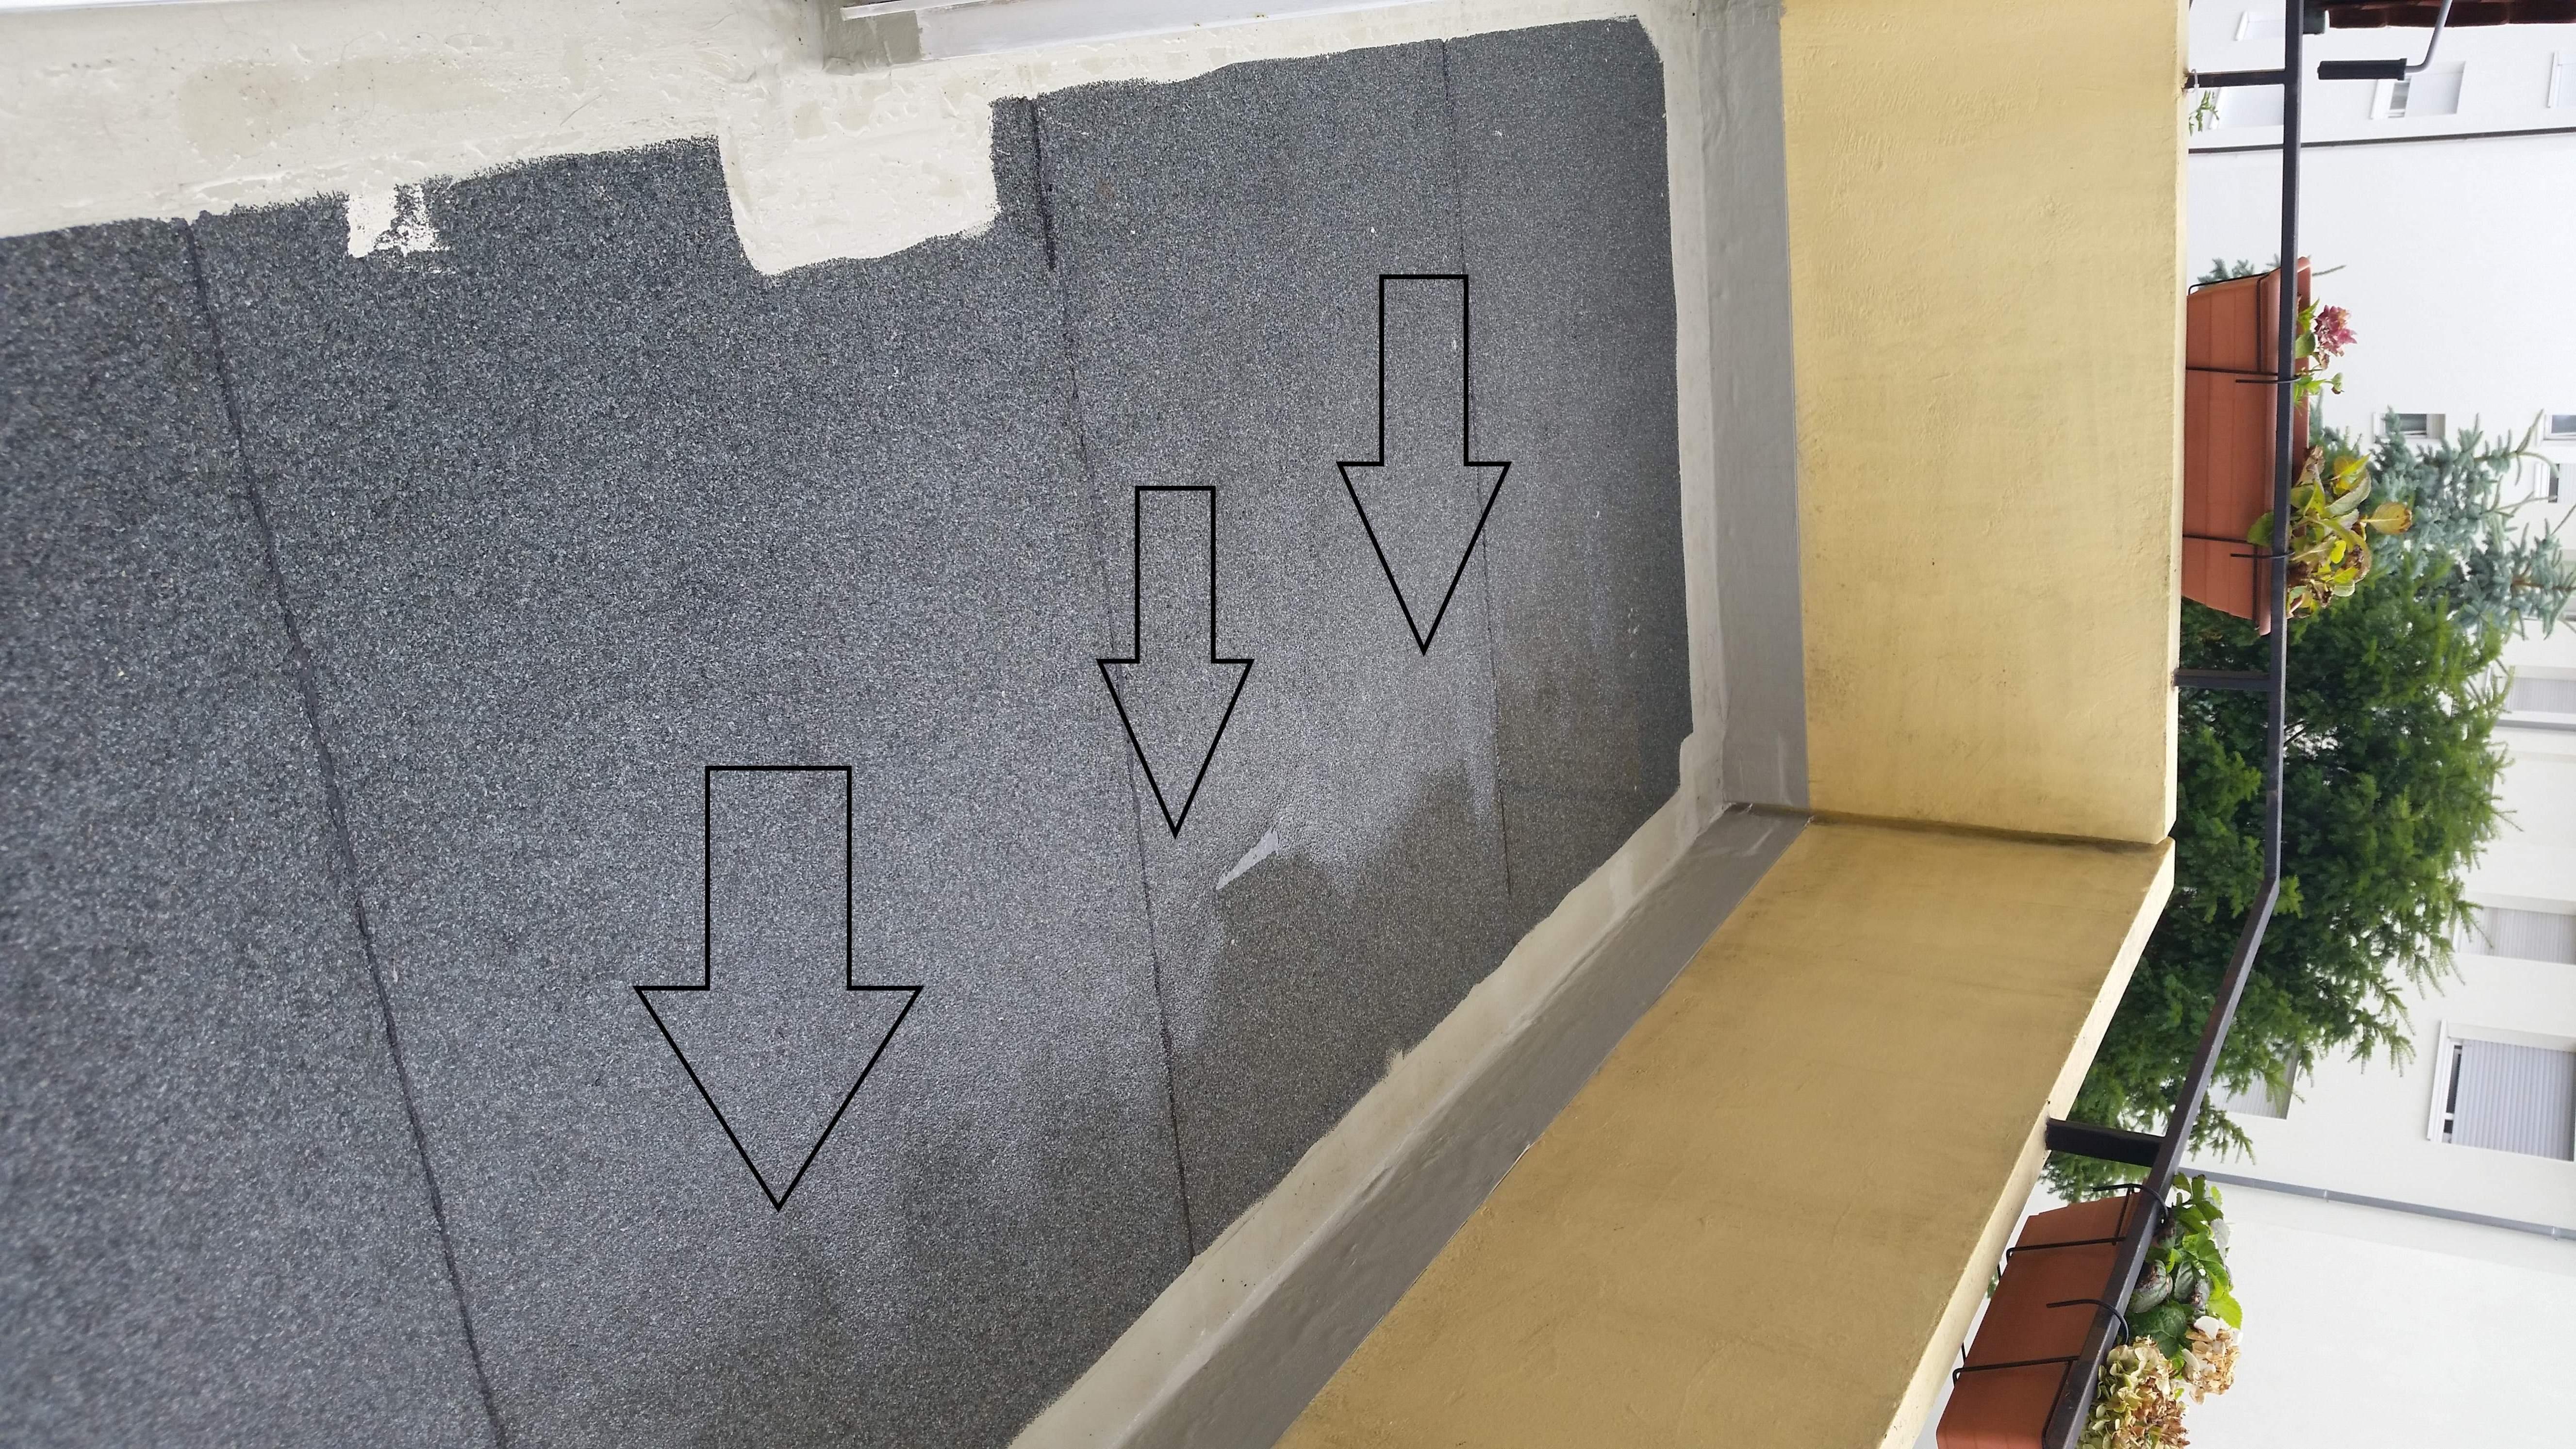 wie den boden auf dem balkon weiter verarbeiten sc wer weiss. Black Bedroom Furniture Sets. Home Design Ideas